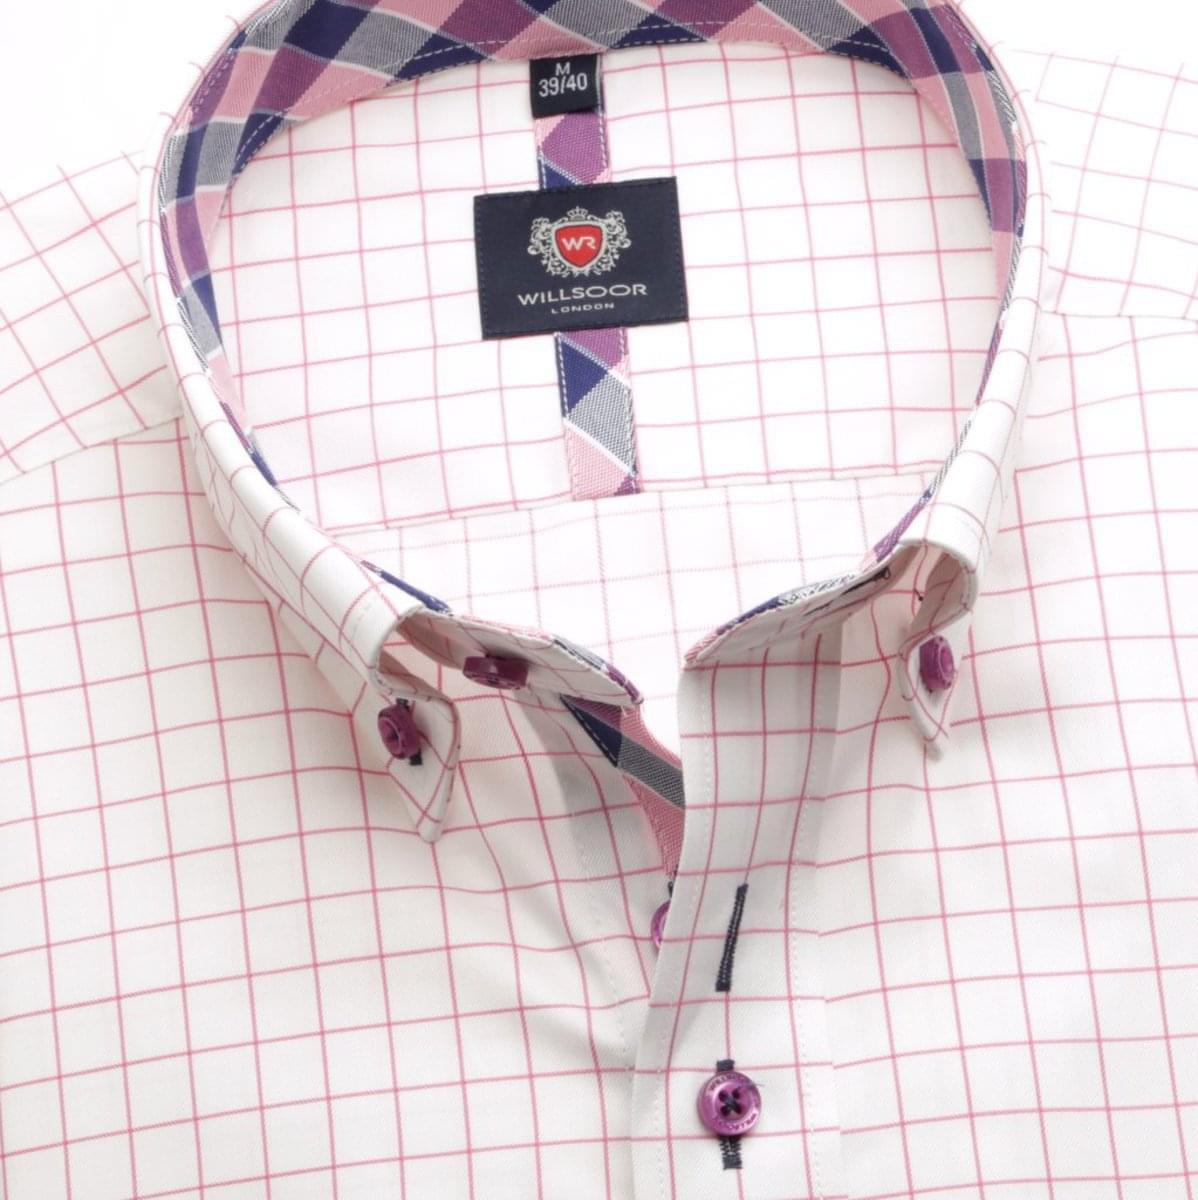 Pánská košile London v bílé barvě s kostkou (výška 188-194) 5591 188-194 / XL (43/44)